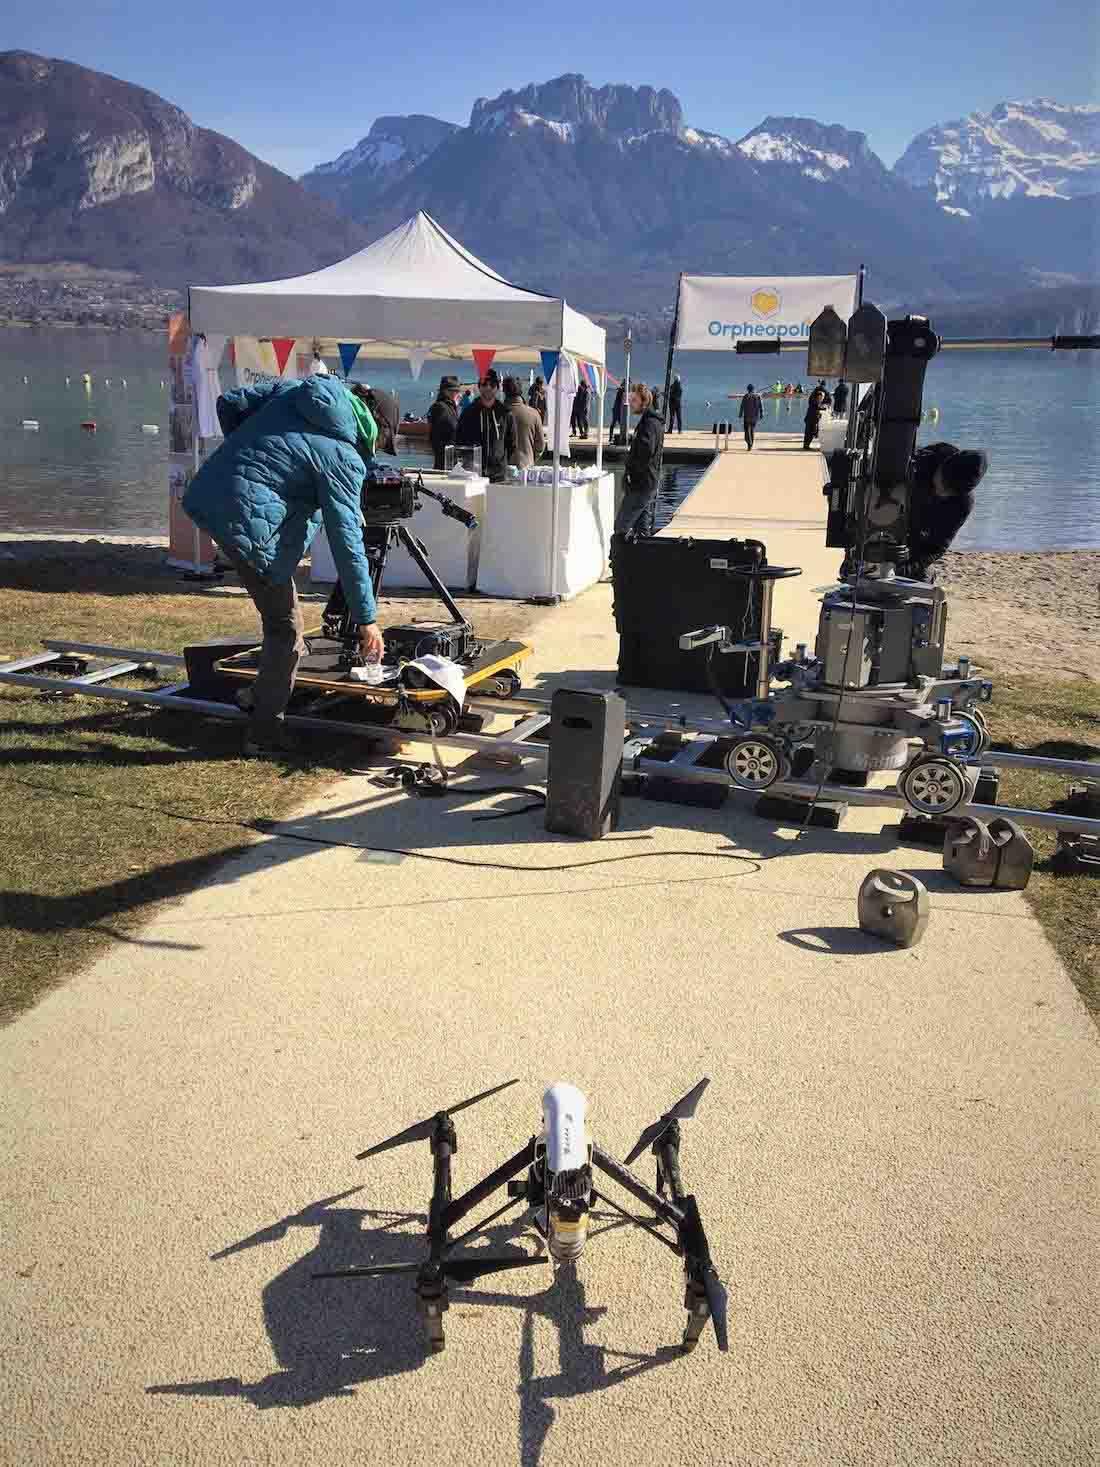 Vidéo aérienne par drone sur le lac d'annecy pour une fiction